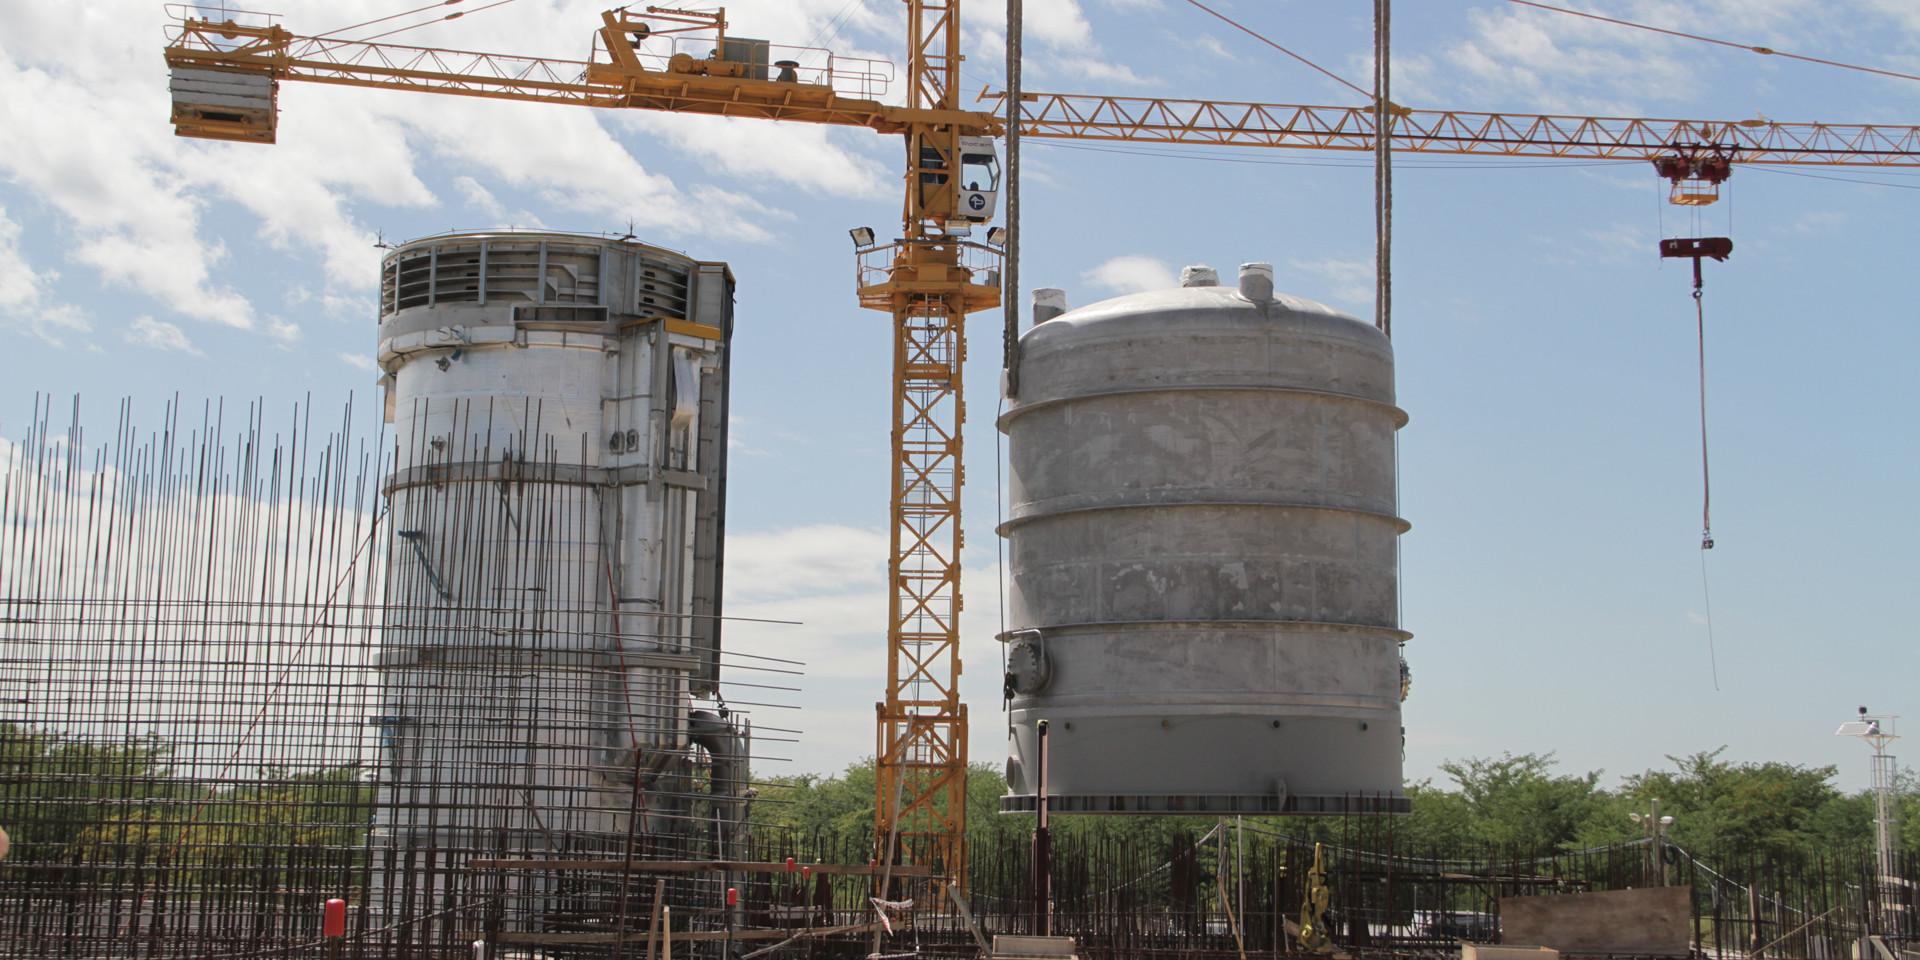 Noticias de la Comisión Nacional de Energia Atómica (CNEA) - Página 5 2019_2_18_ra10_tanque_1